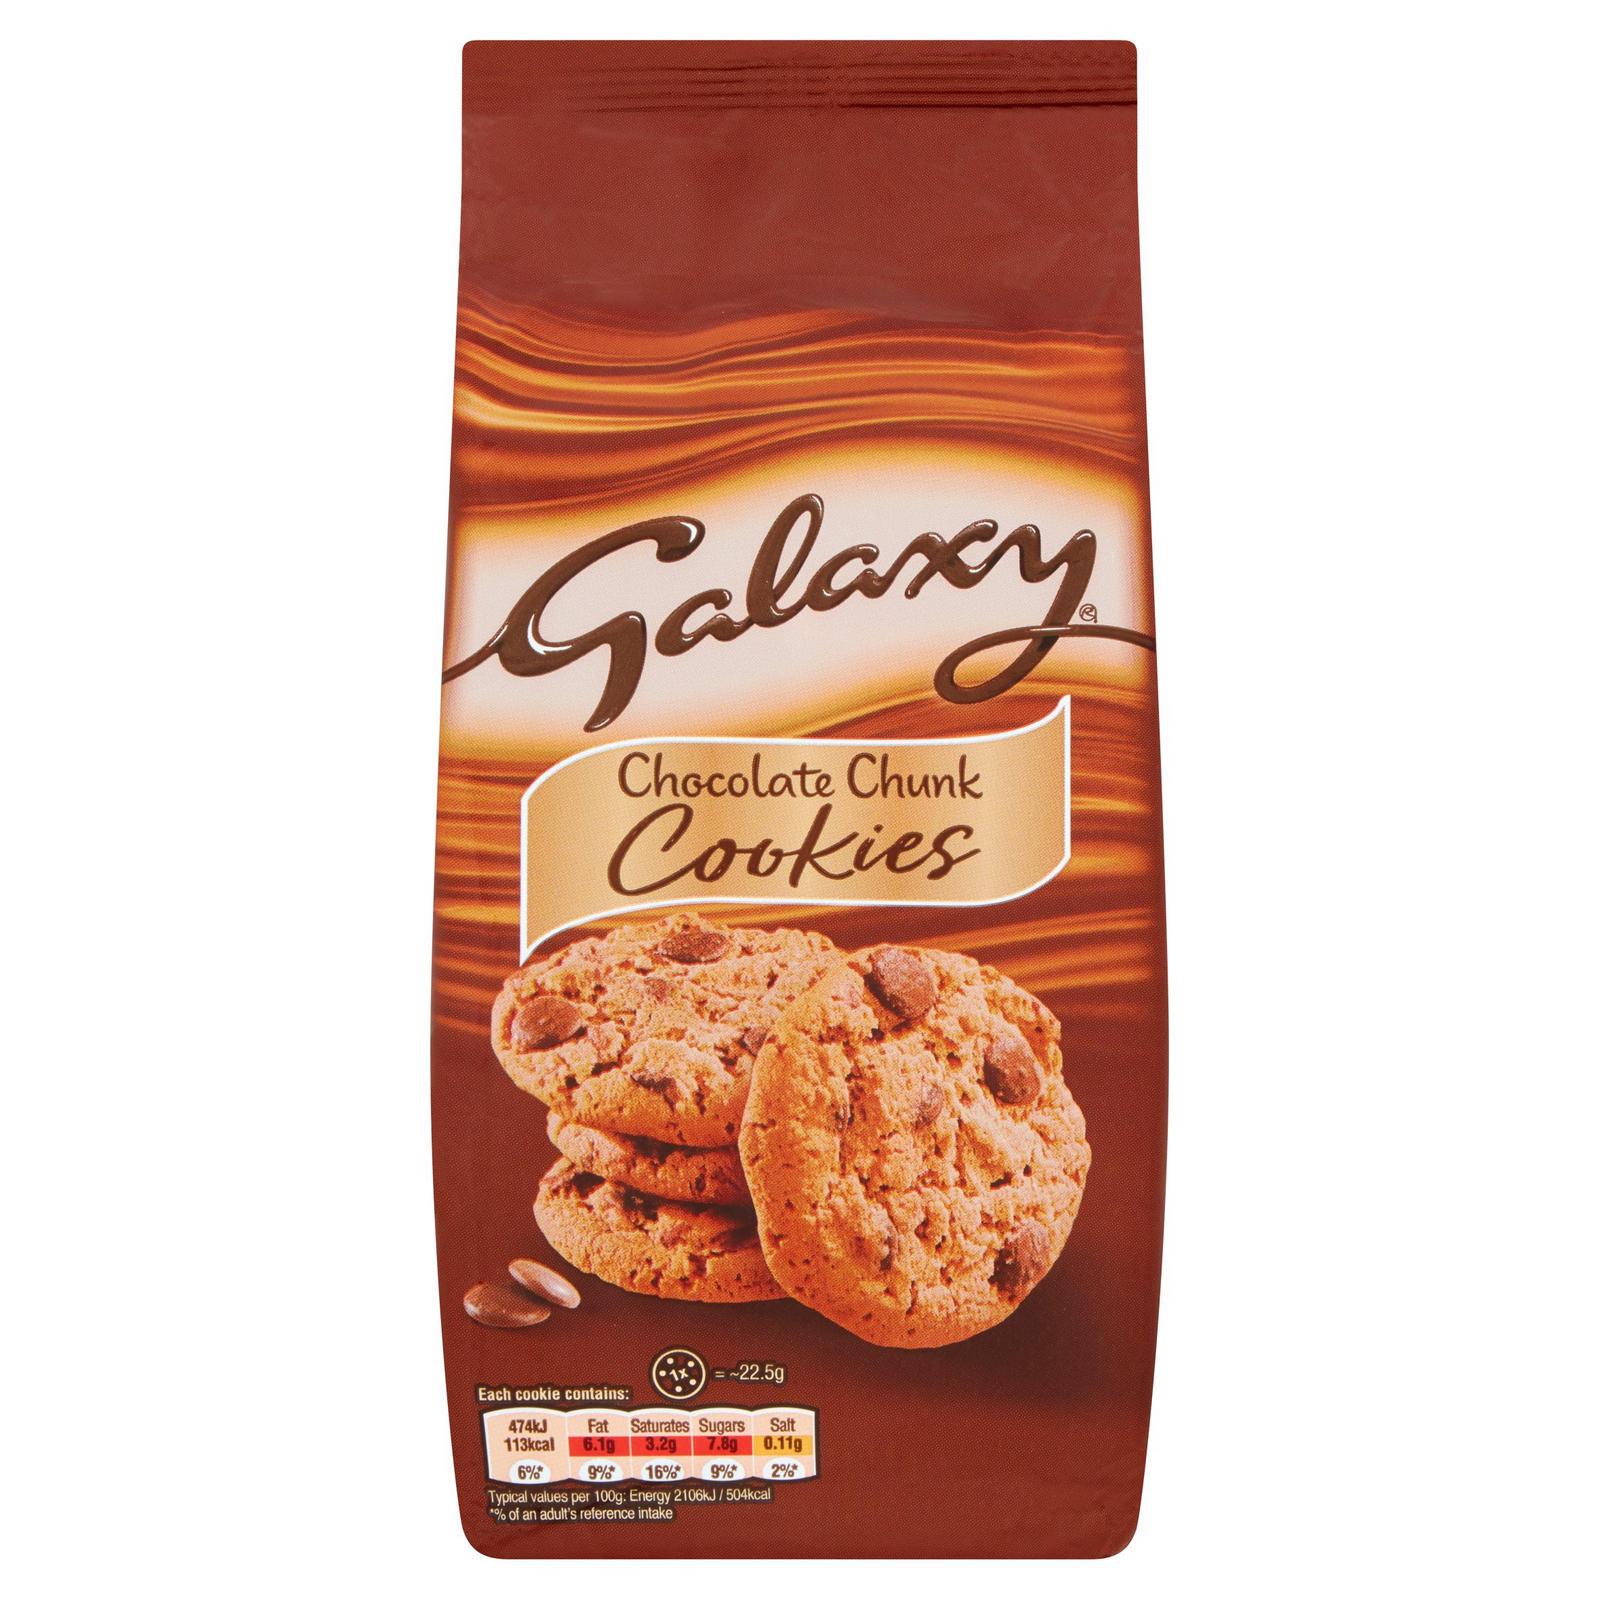 Galaxy Chocolate Chunk Cookies 180g £1.00 at Sainsbury's